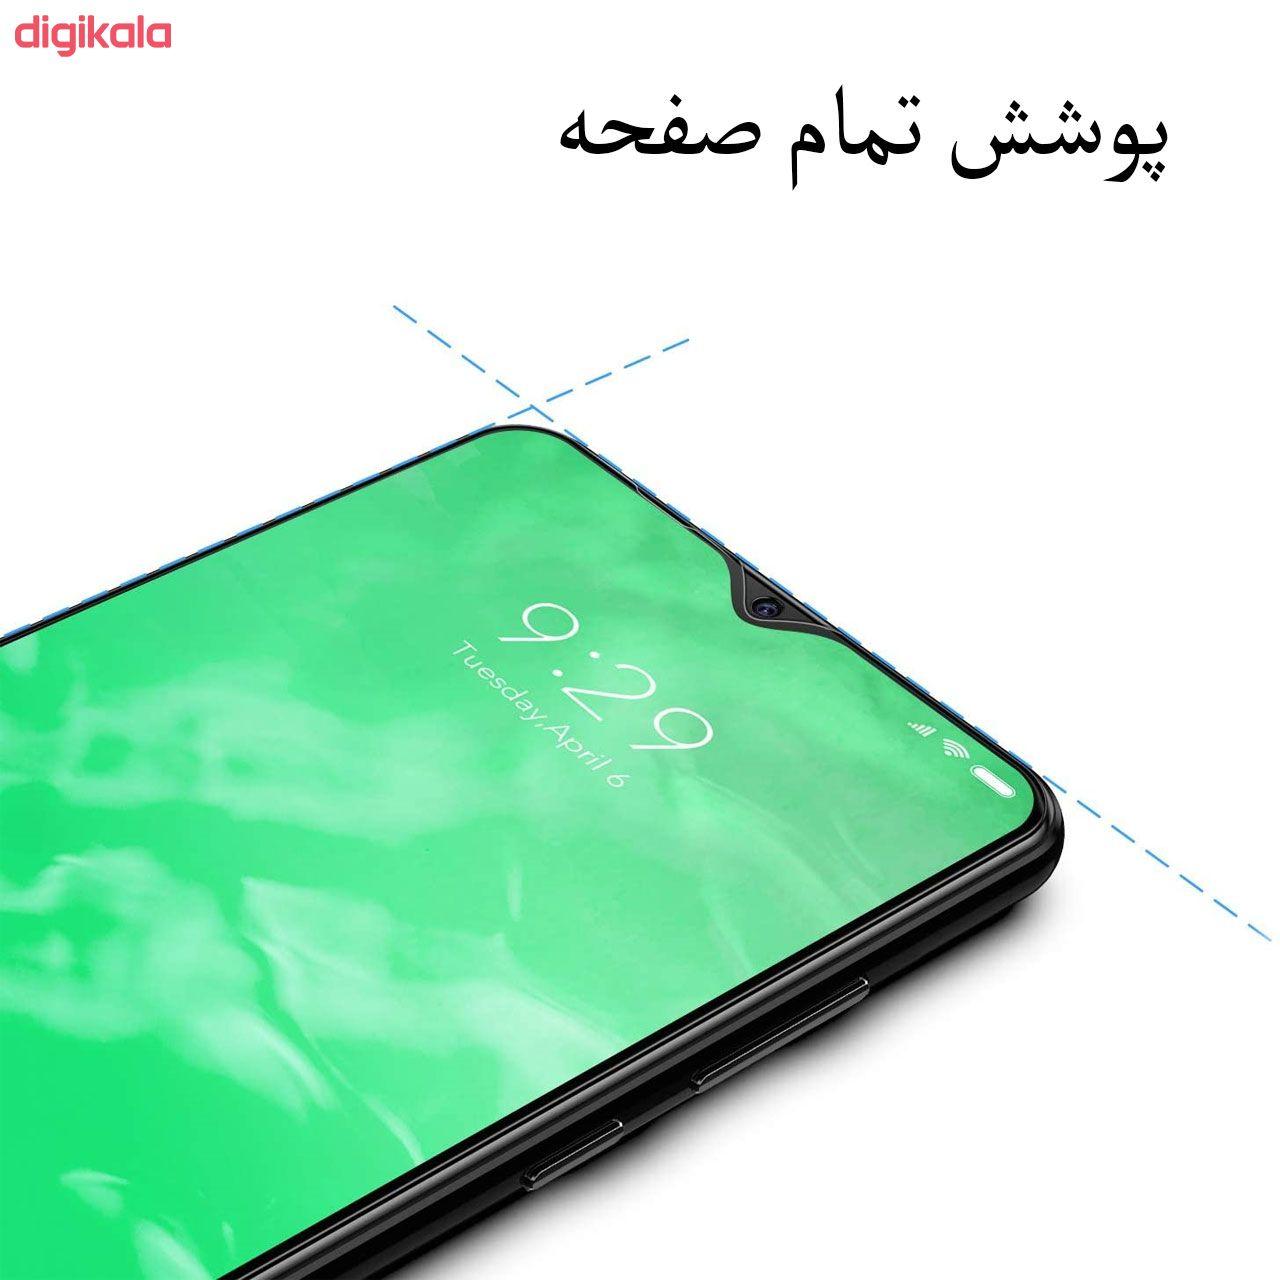 محافظ صفحه نمایش مدل FCG مناسب برای گوشی موبایل شیائومی Mi 10 Lite 5G main 1 2